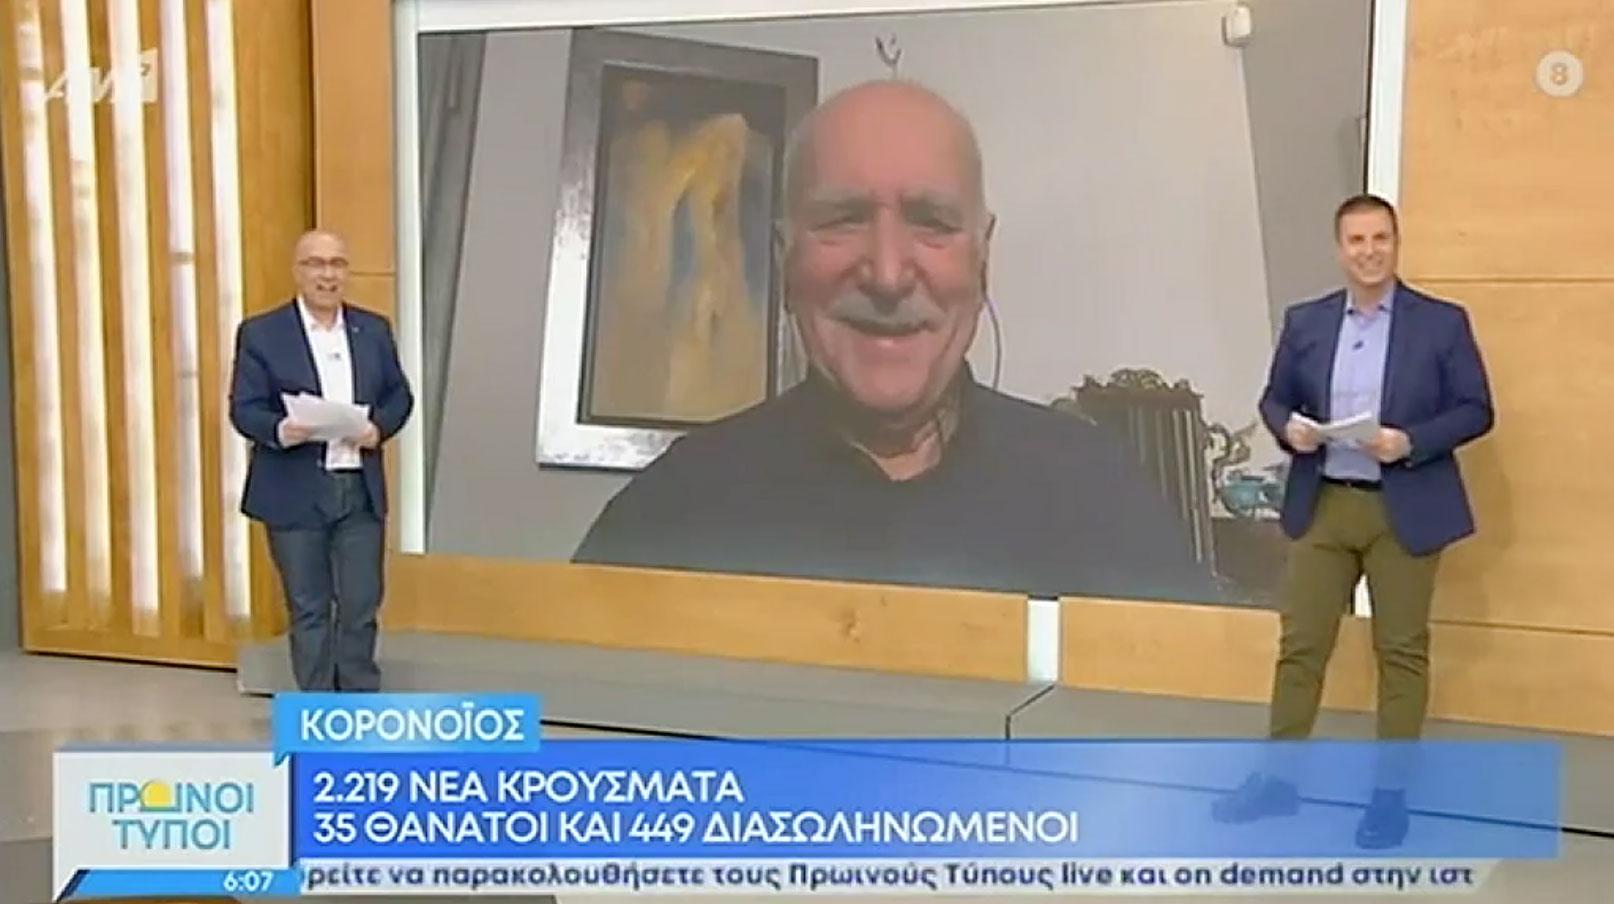 Γιατί έλειπε ο Γιώργος Παπαδάκης από το Καλημέρα Ελλάδα (video)